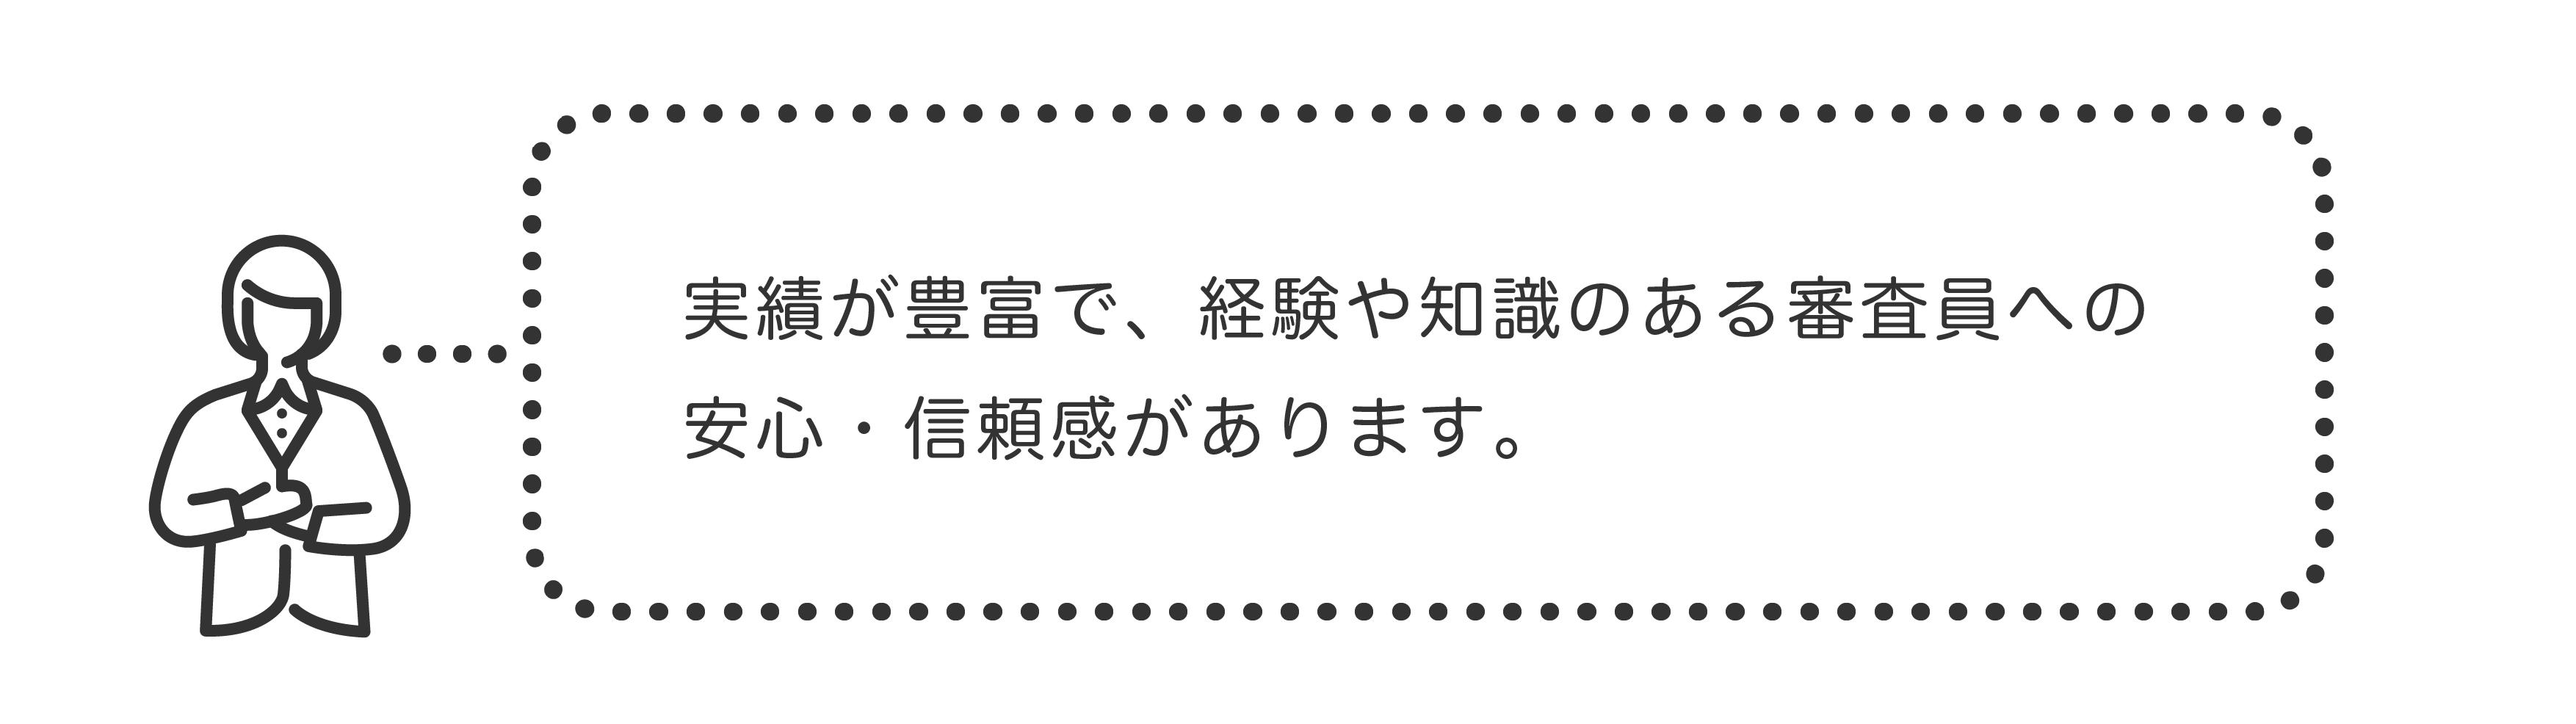 Ninsho_Fukidasi-2wh.png